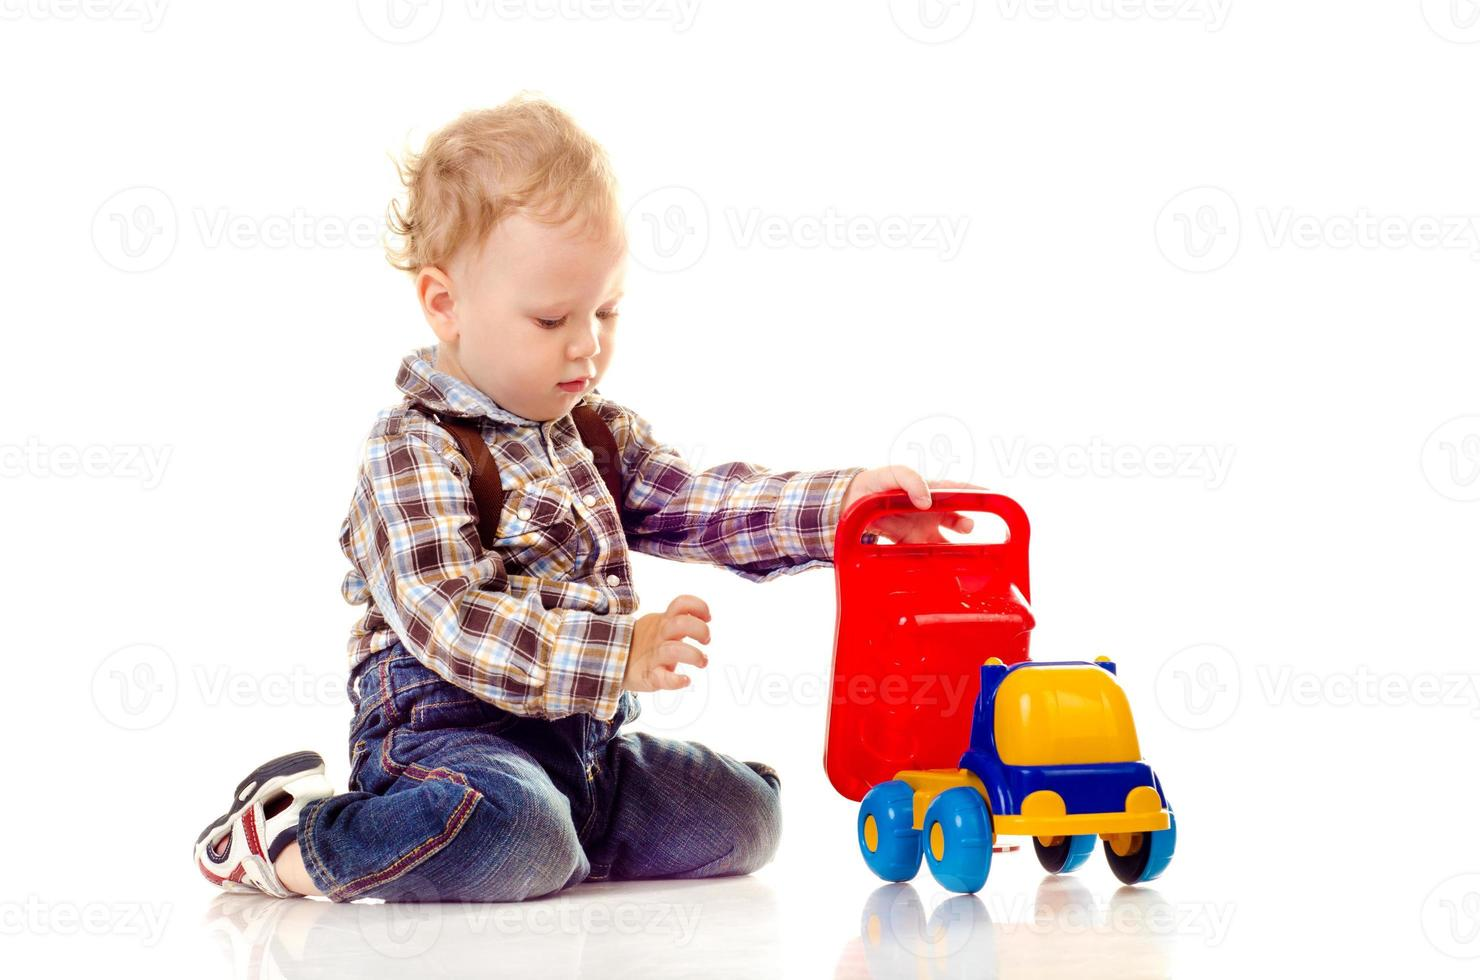 niño con juguete foto